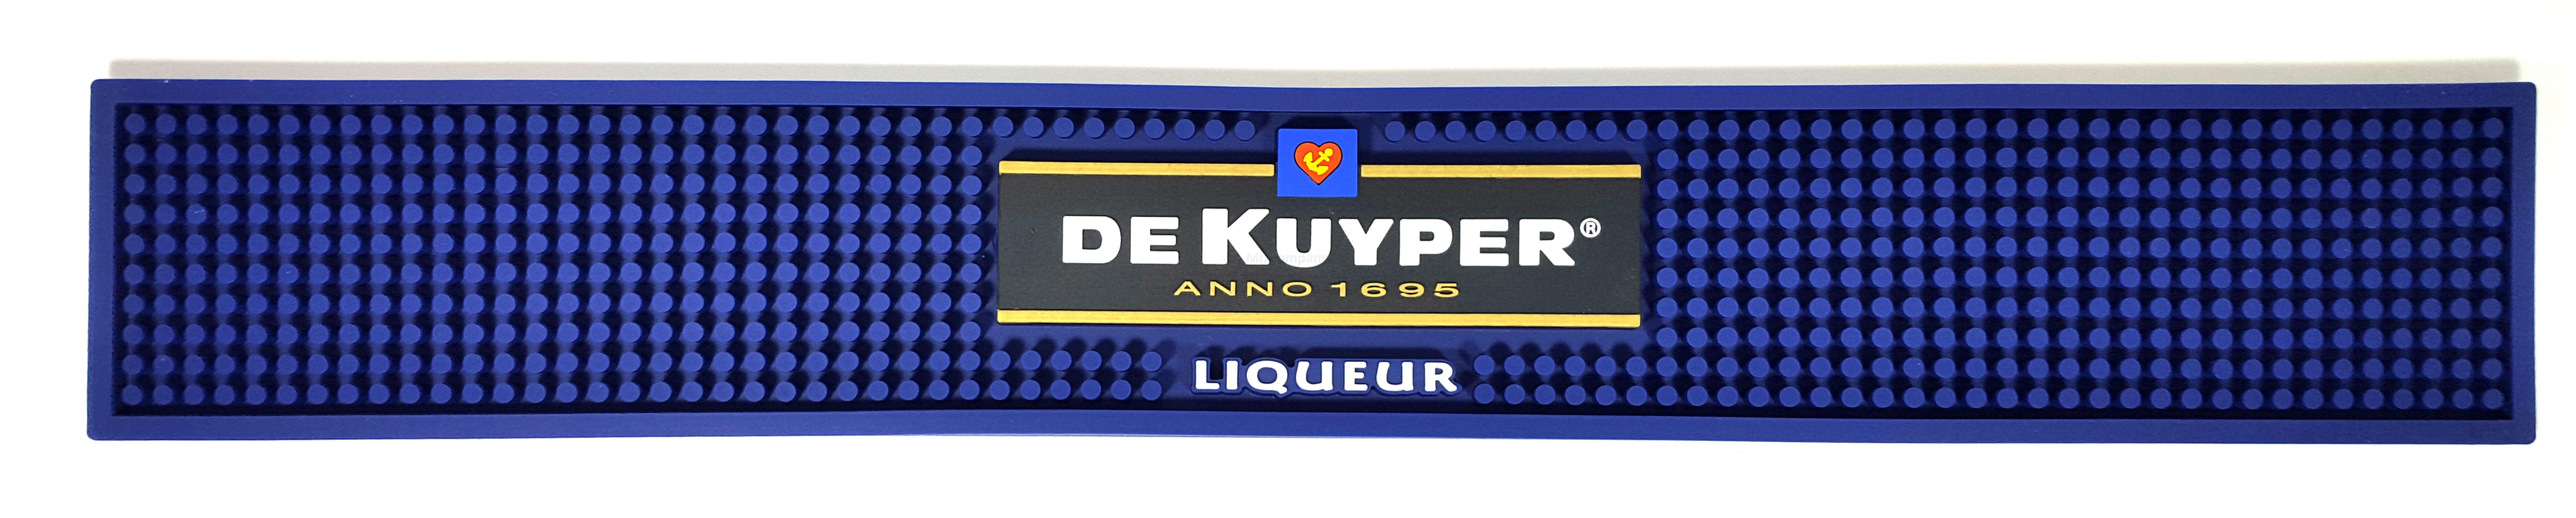 De Kuyper Liqueur Barmatte 60,1 x 8,9 cm